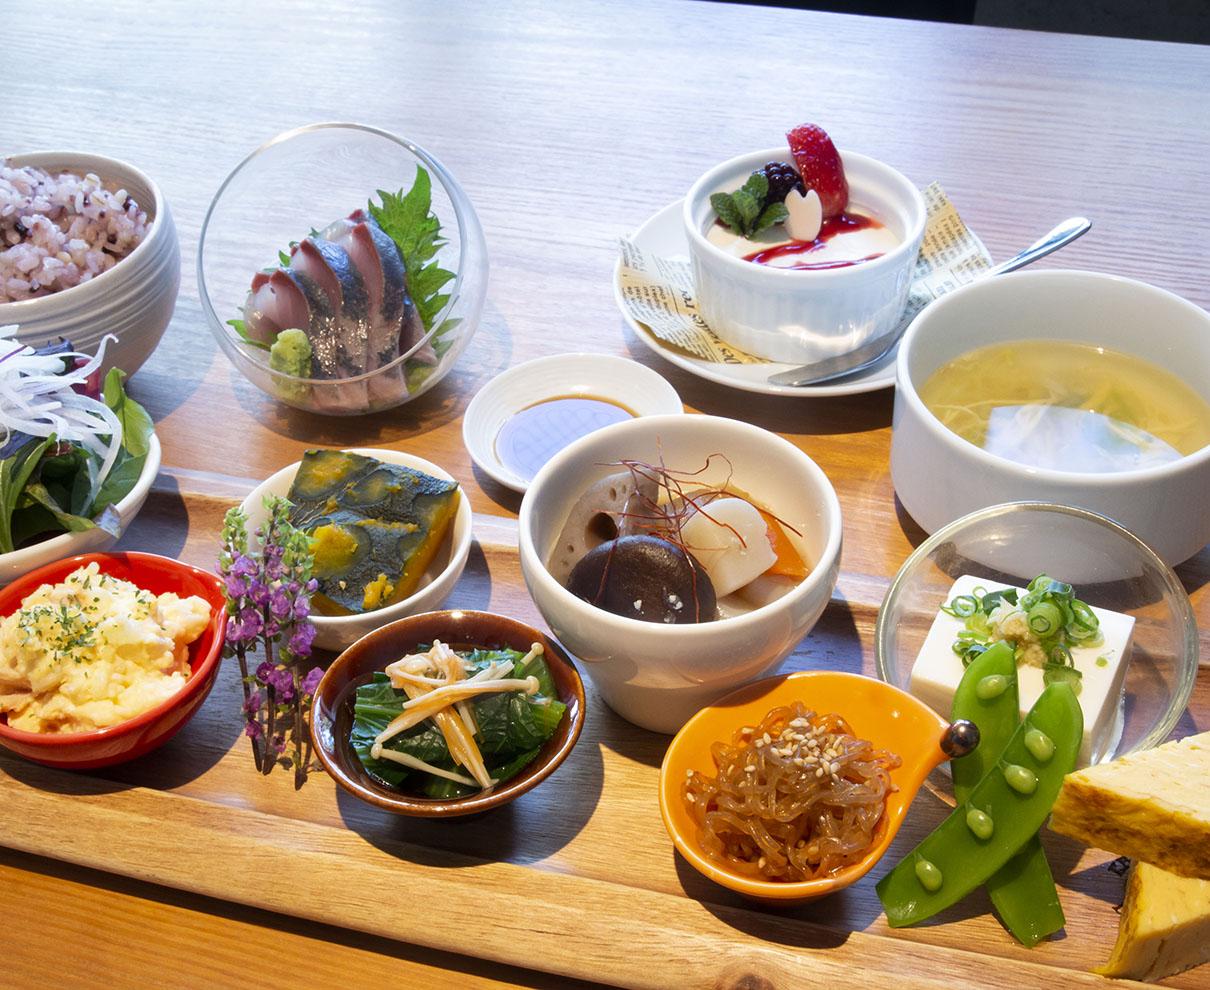 品数の多さにびっくり!『Kisaki CAFE CENTRALPARK』の和風ランチでお腹も栄養も満たそう♪